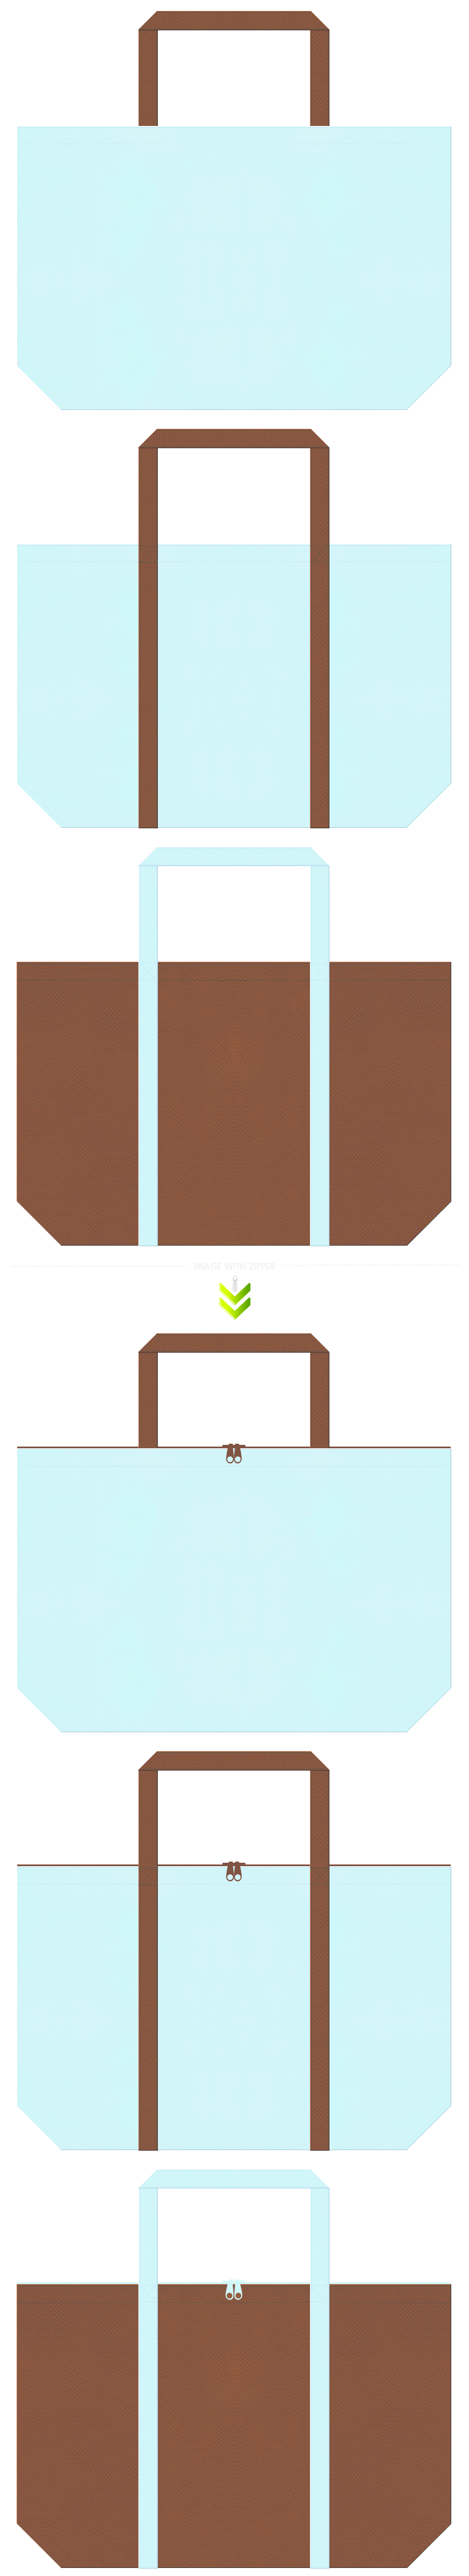 水色と茶色の不織布エコバッグのデザイン。ミントチョコイメージ。